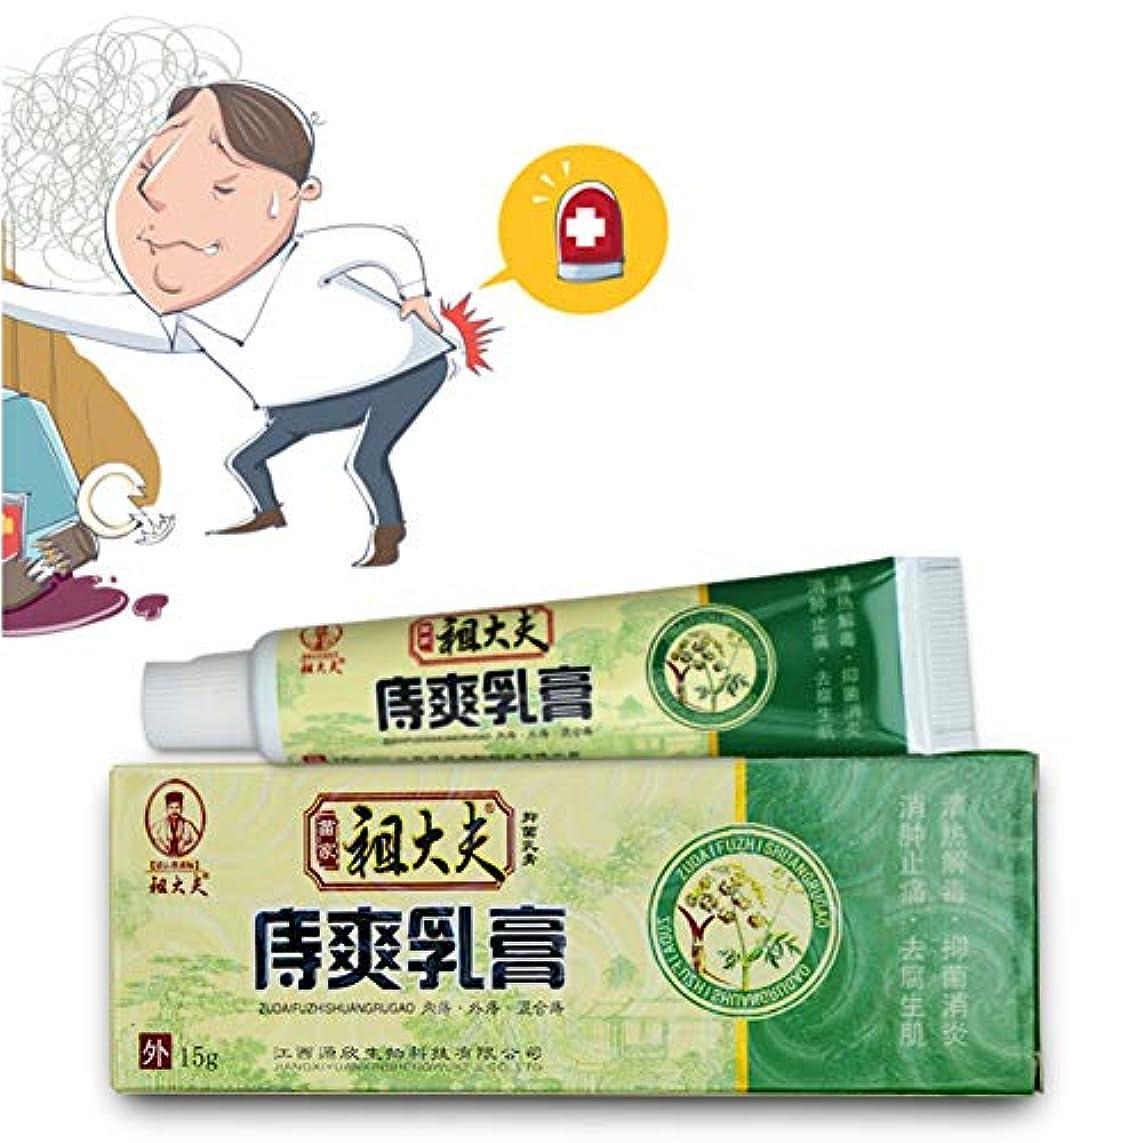 風邪をひく評価可能広範囲Balai He軟膏 痛みのかゆみ肛門ケアクリーム 漢方薬製品 痔のクリーム 痔